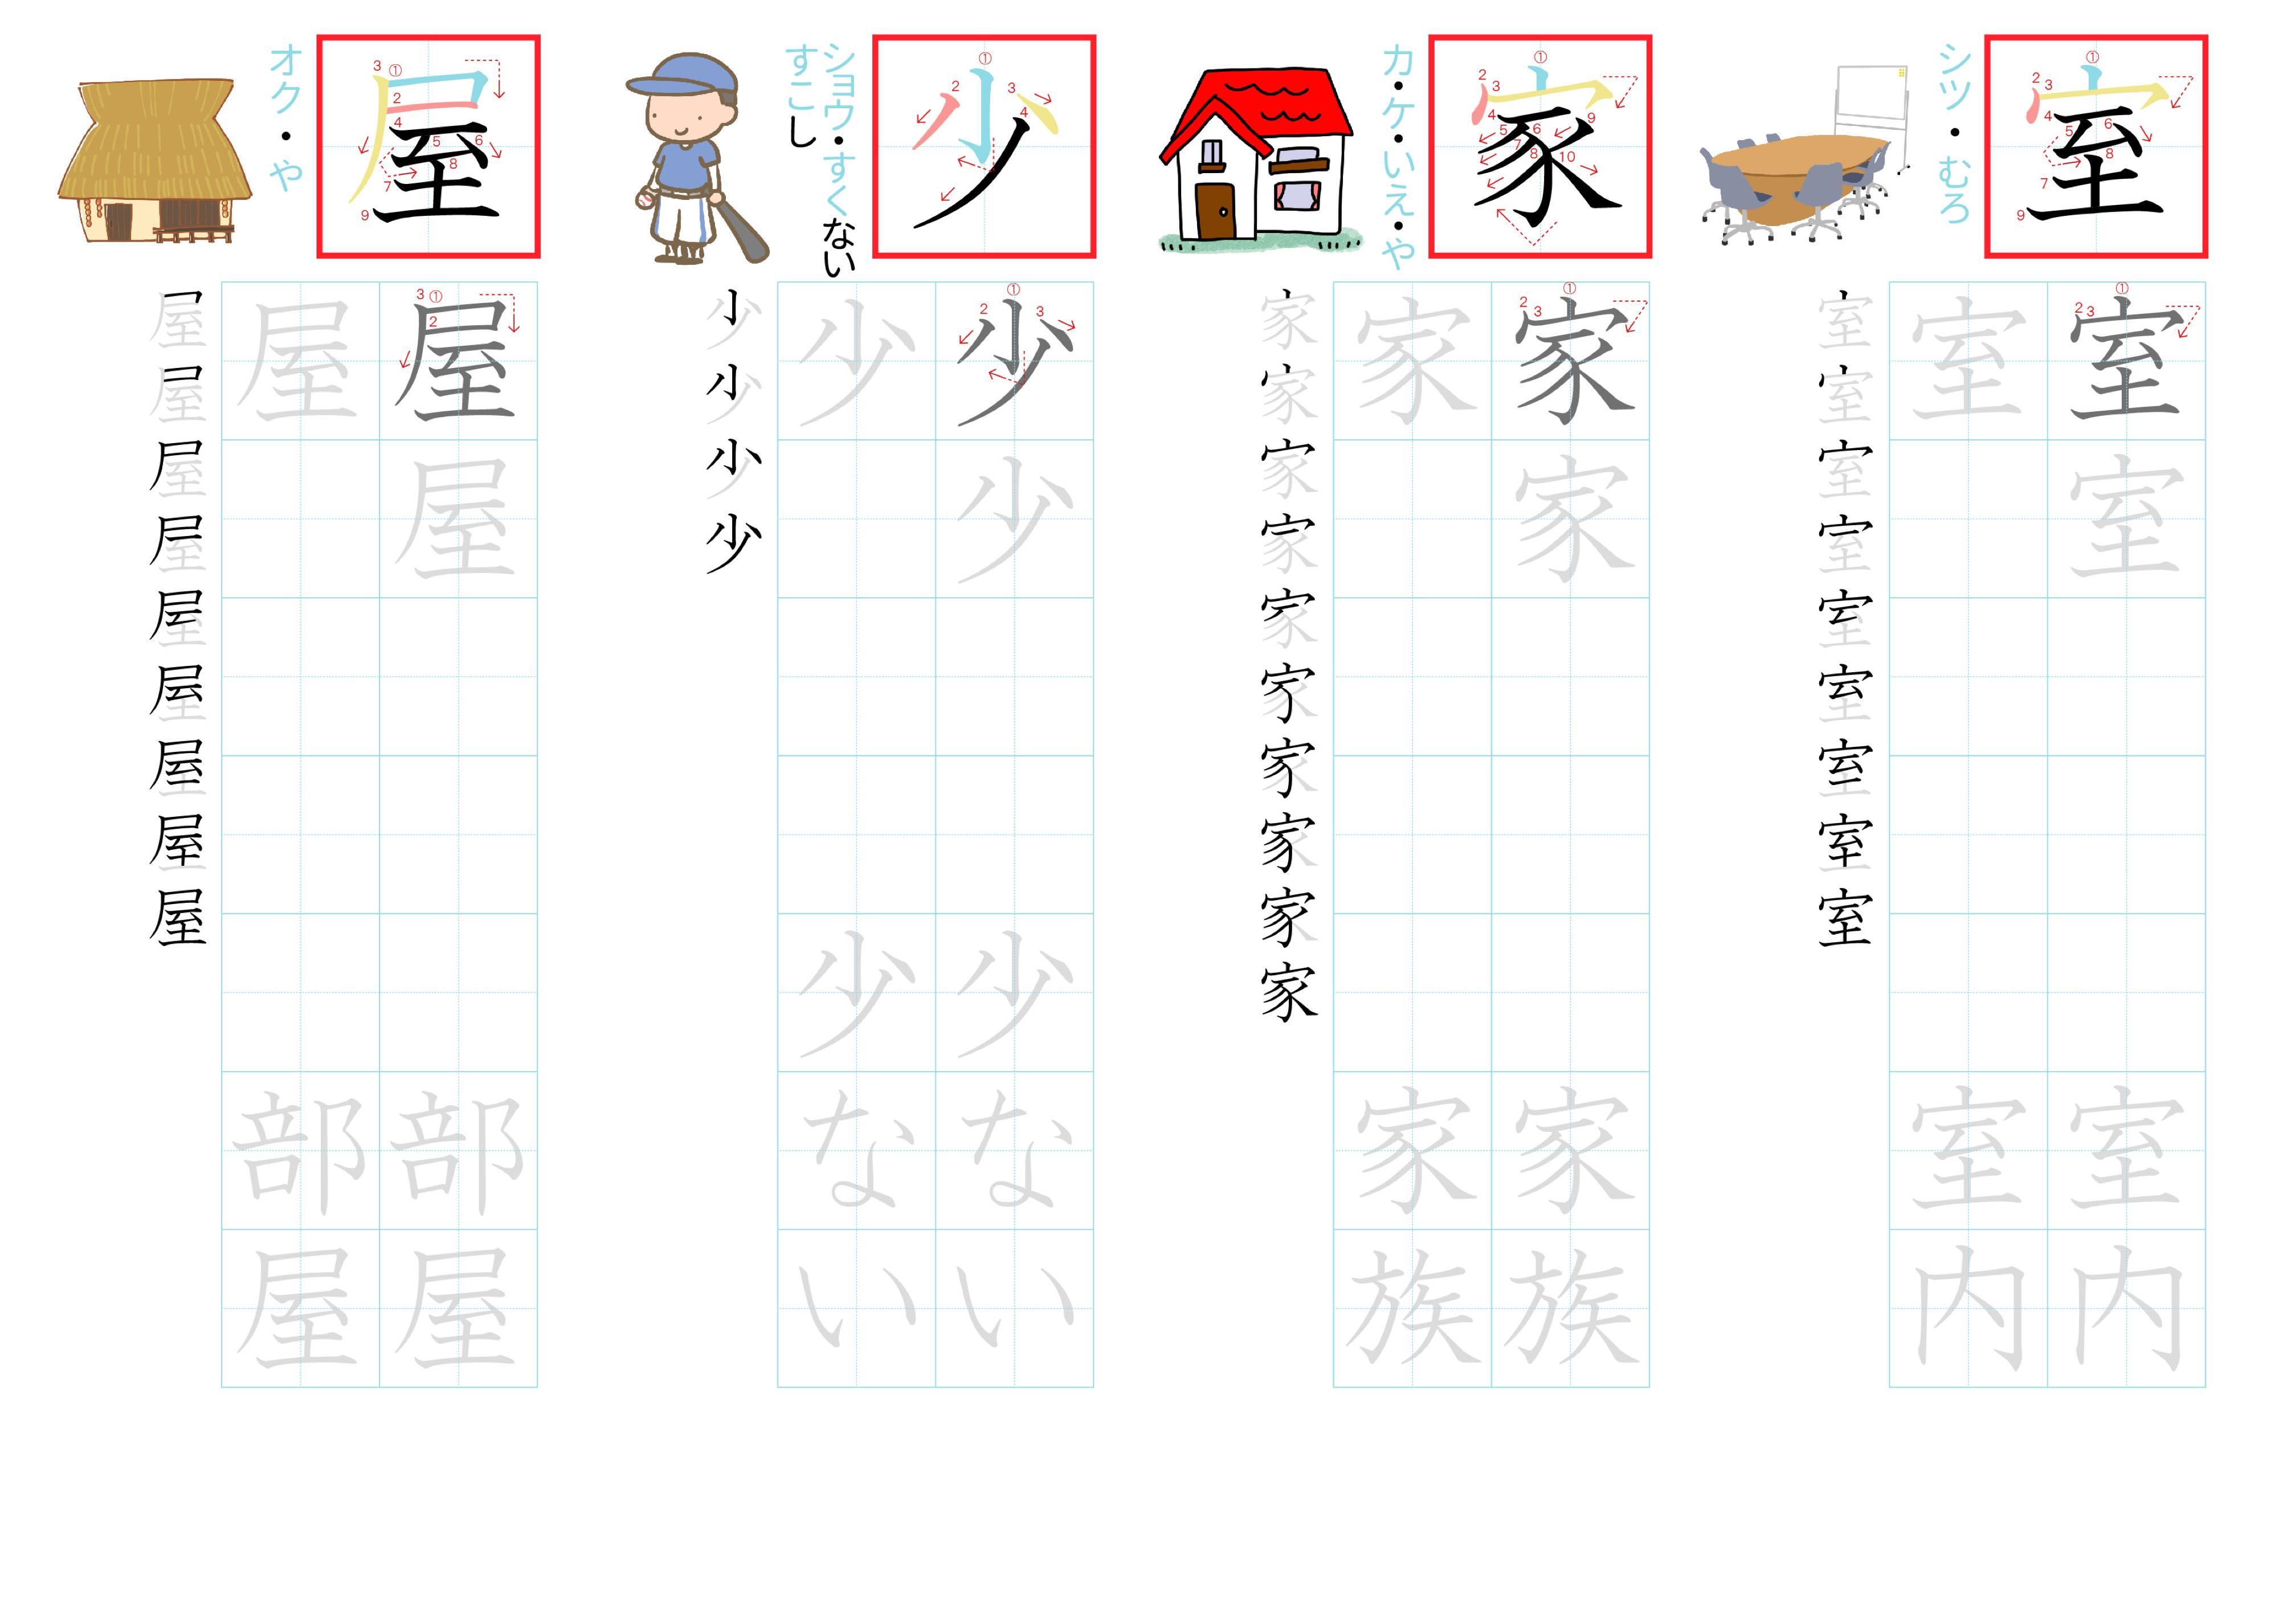 kanji-practice-card-n4-japanese-033-01